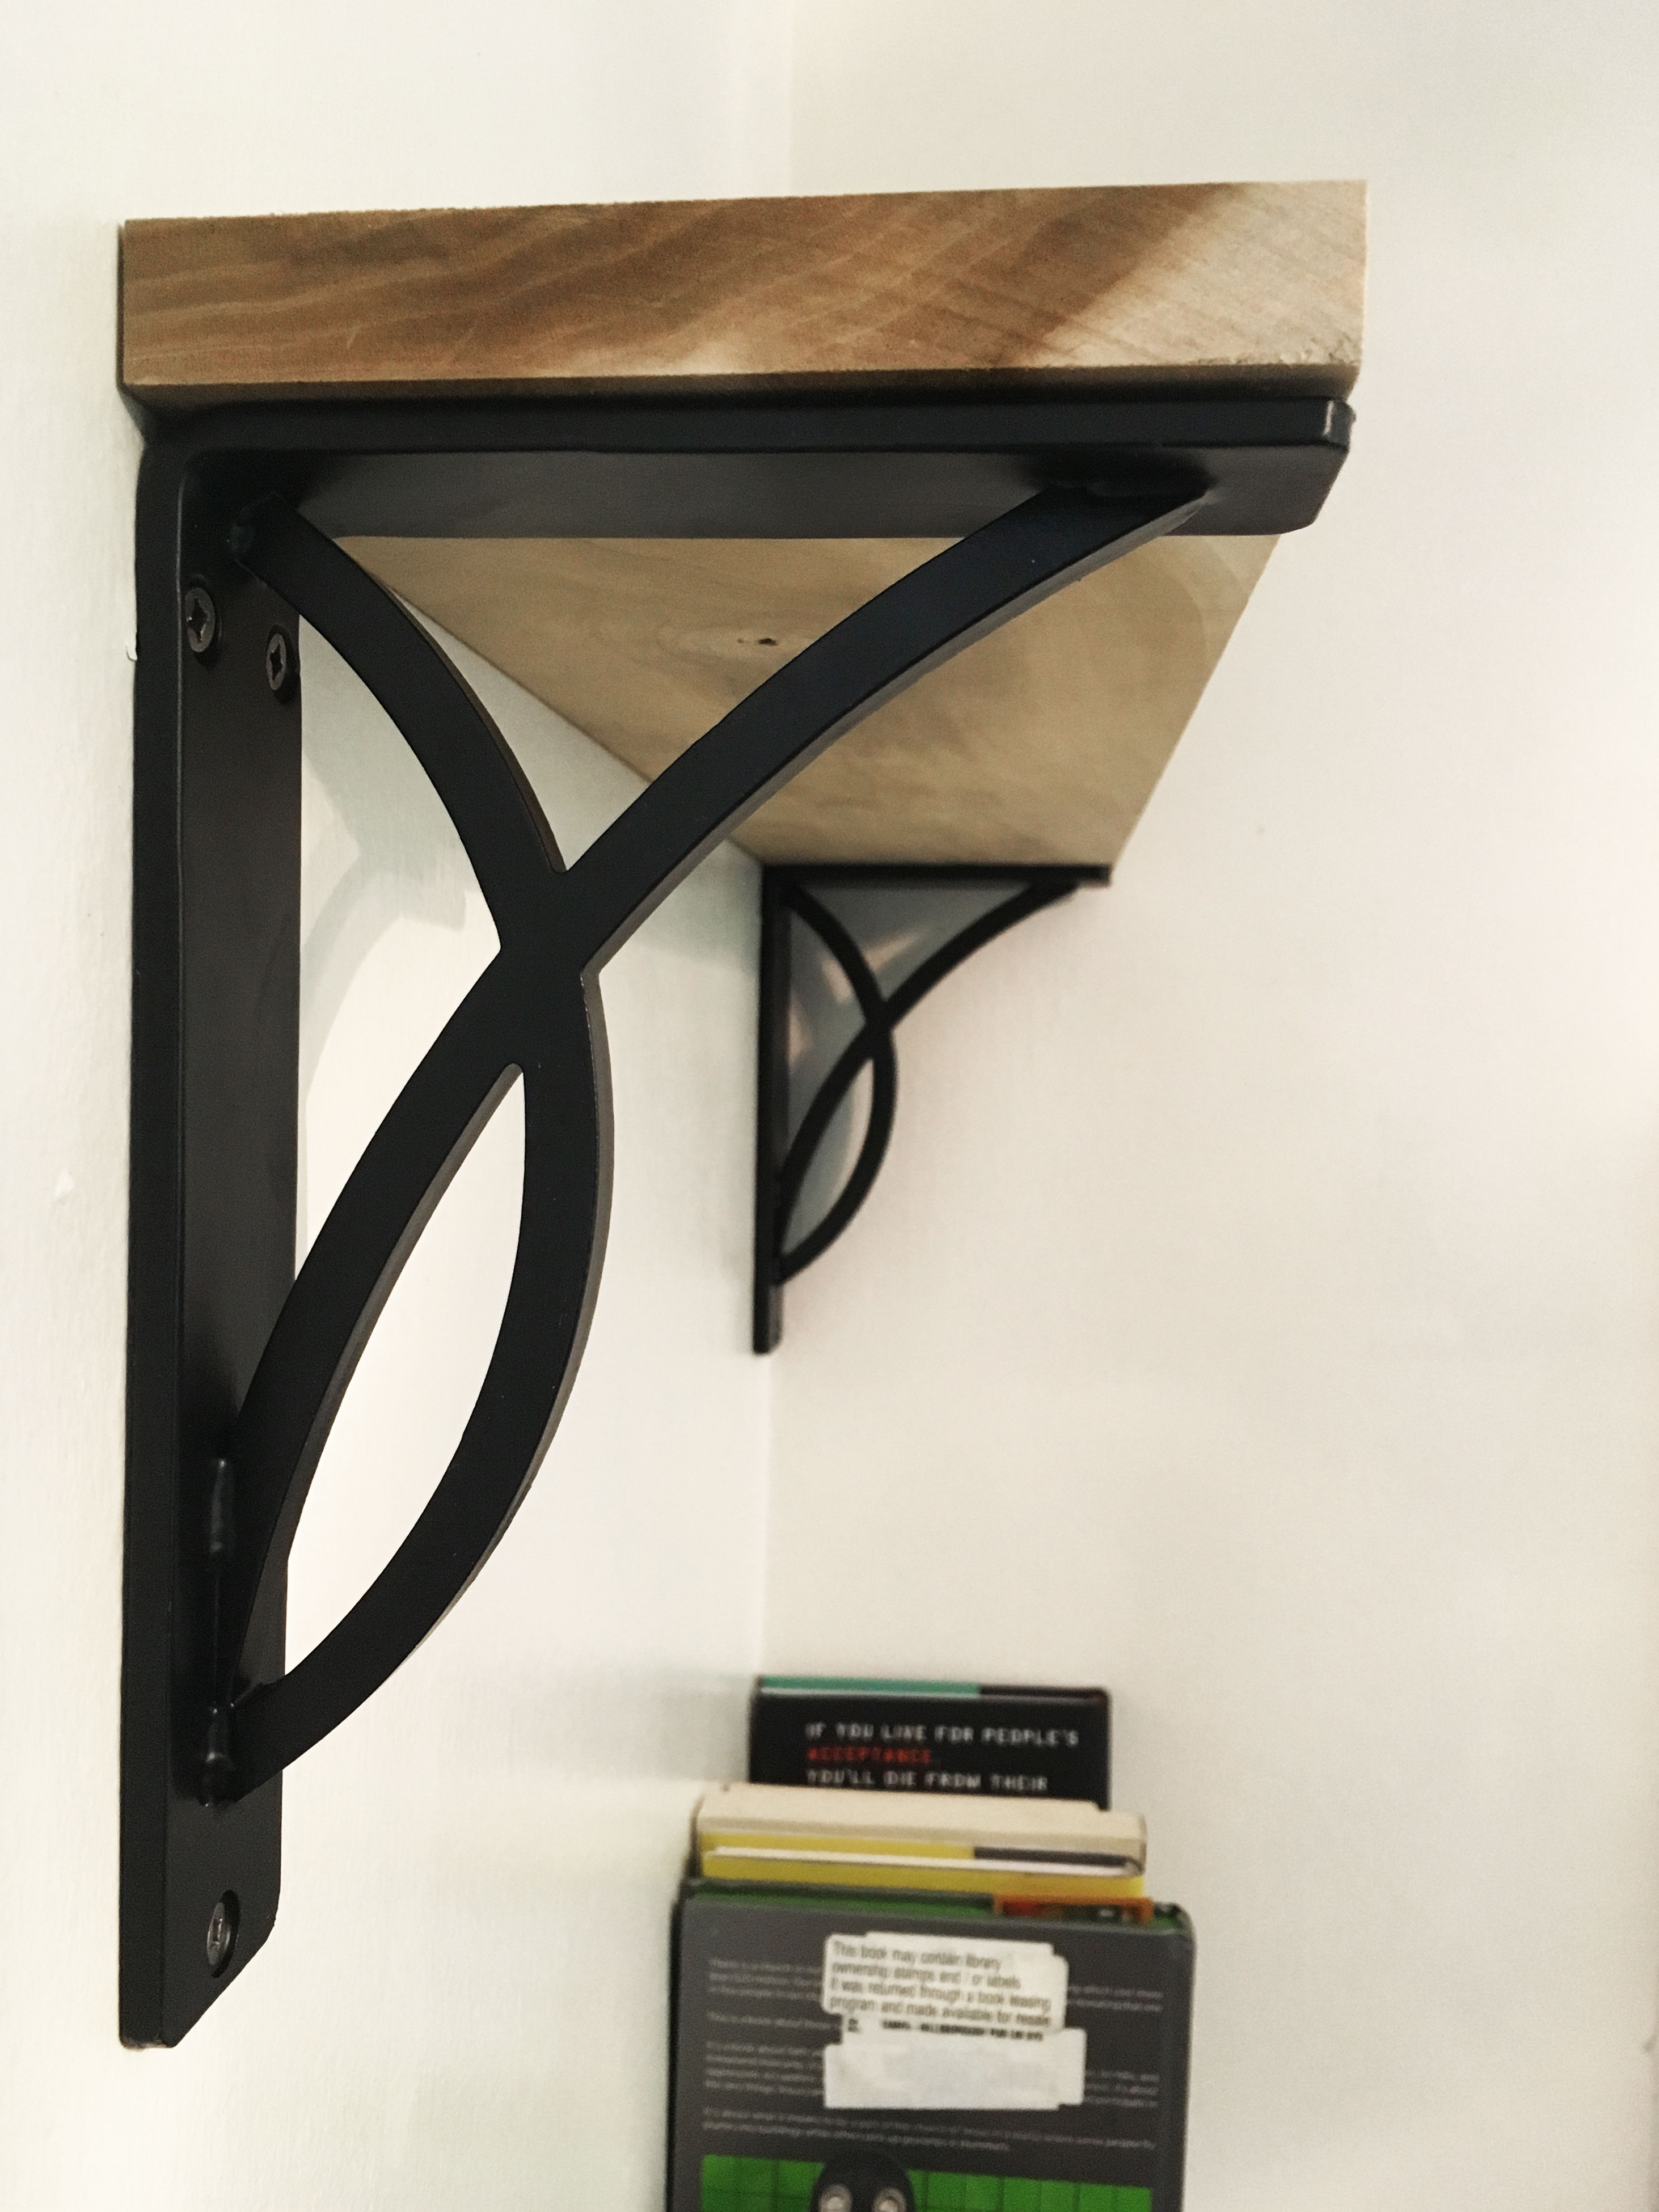 ekena millwork miller brackets for bookshelves